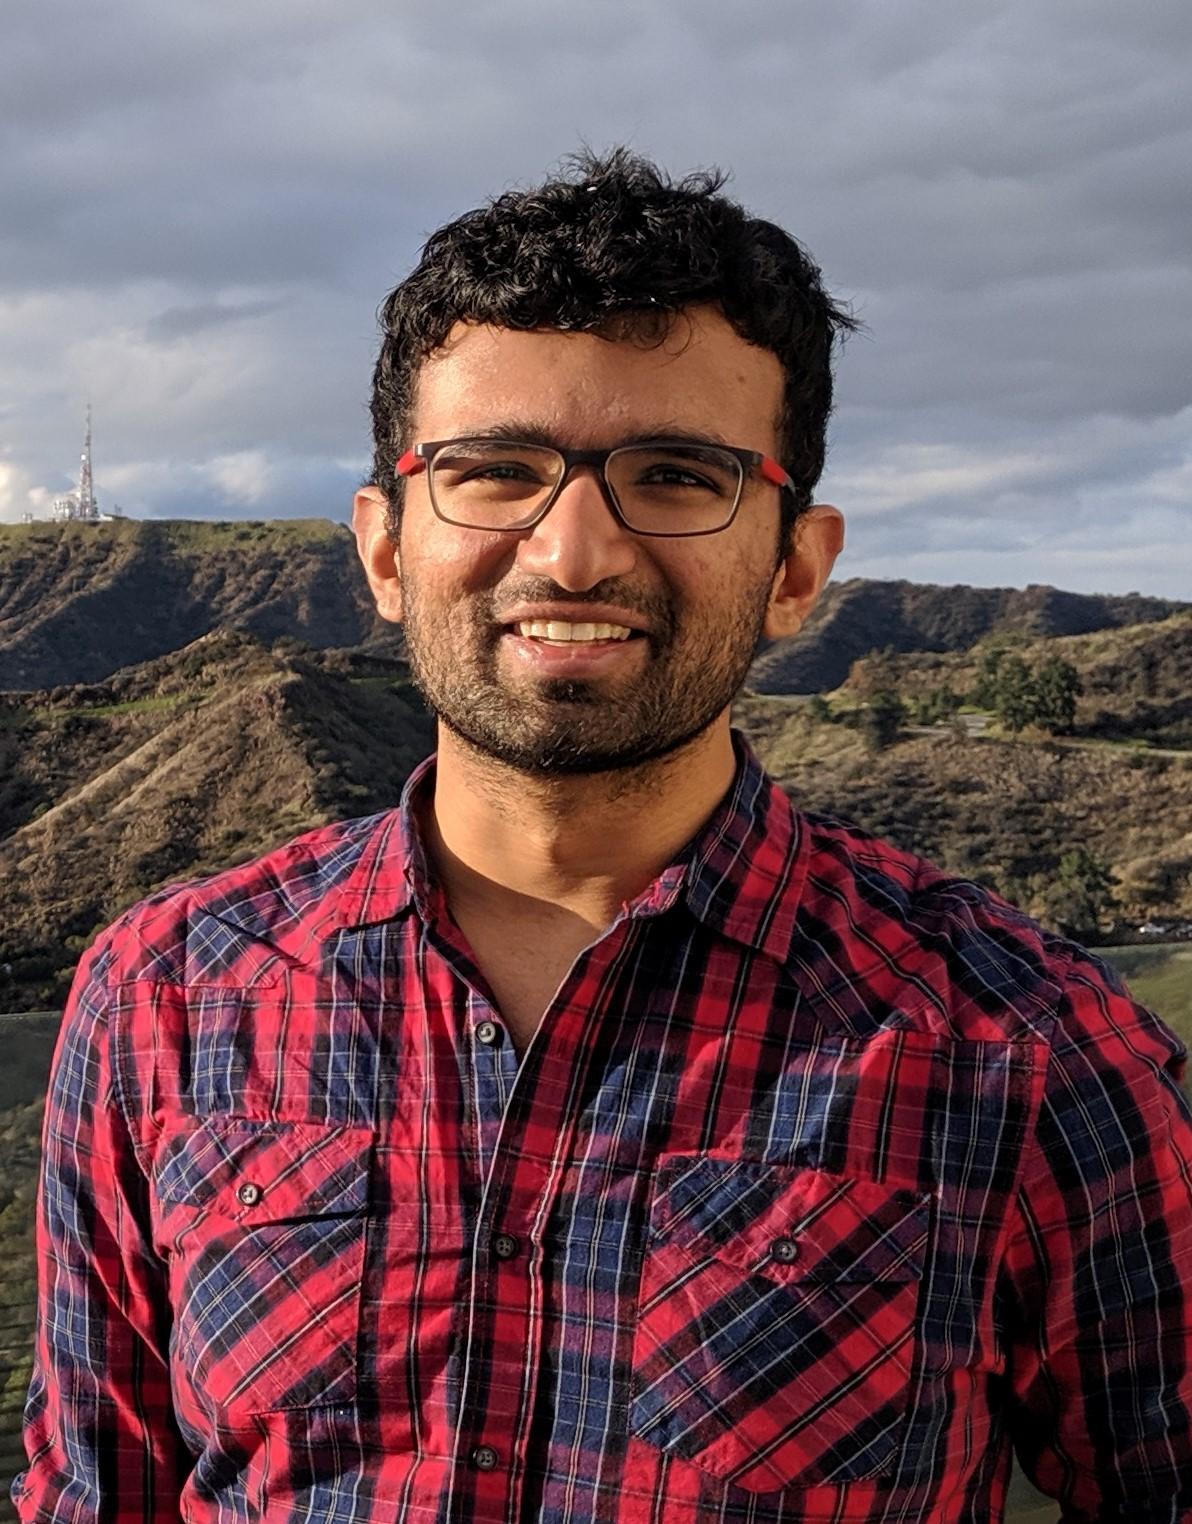 Arjun Seshadri